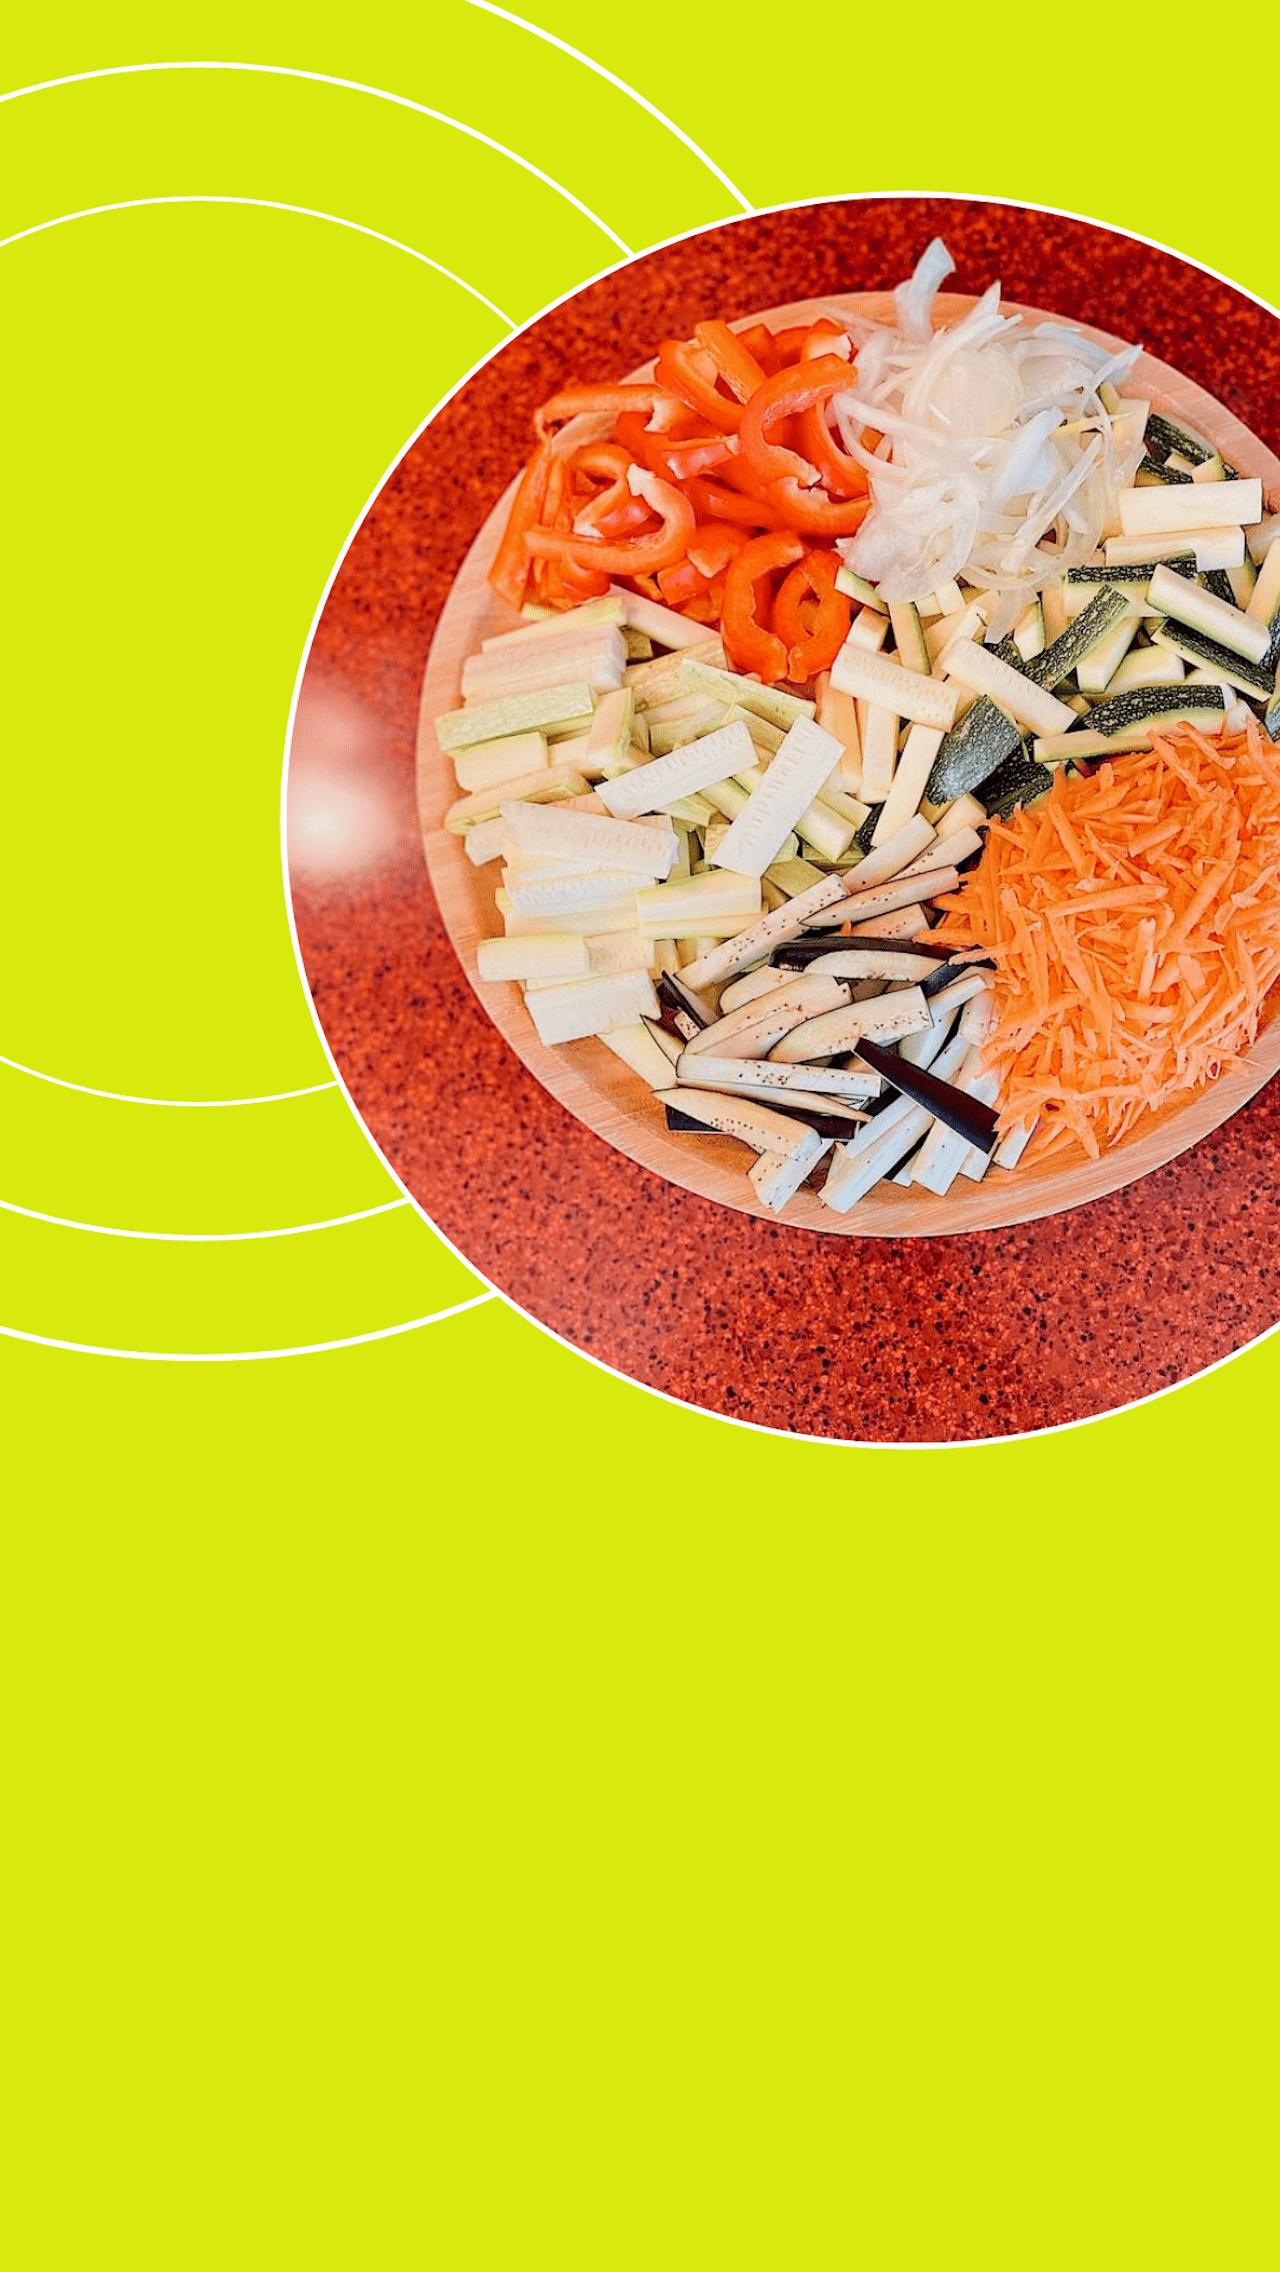 Кабачок, цукини, баклажан и болгарский перец (любого цвета) нарезать соломкой. Лук — перьями, а морковку натереть на крупной тёрке (желательно, специальной — для корейской моркови). <br/>